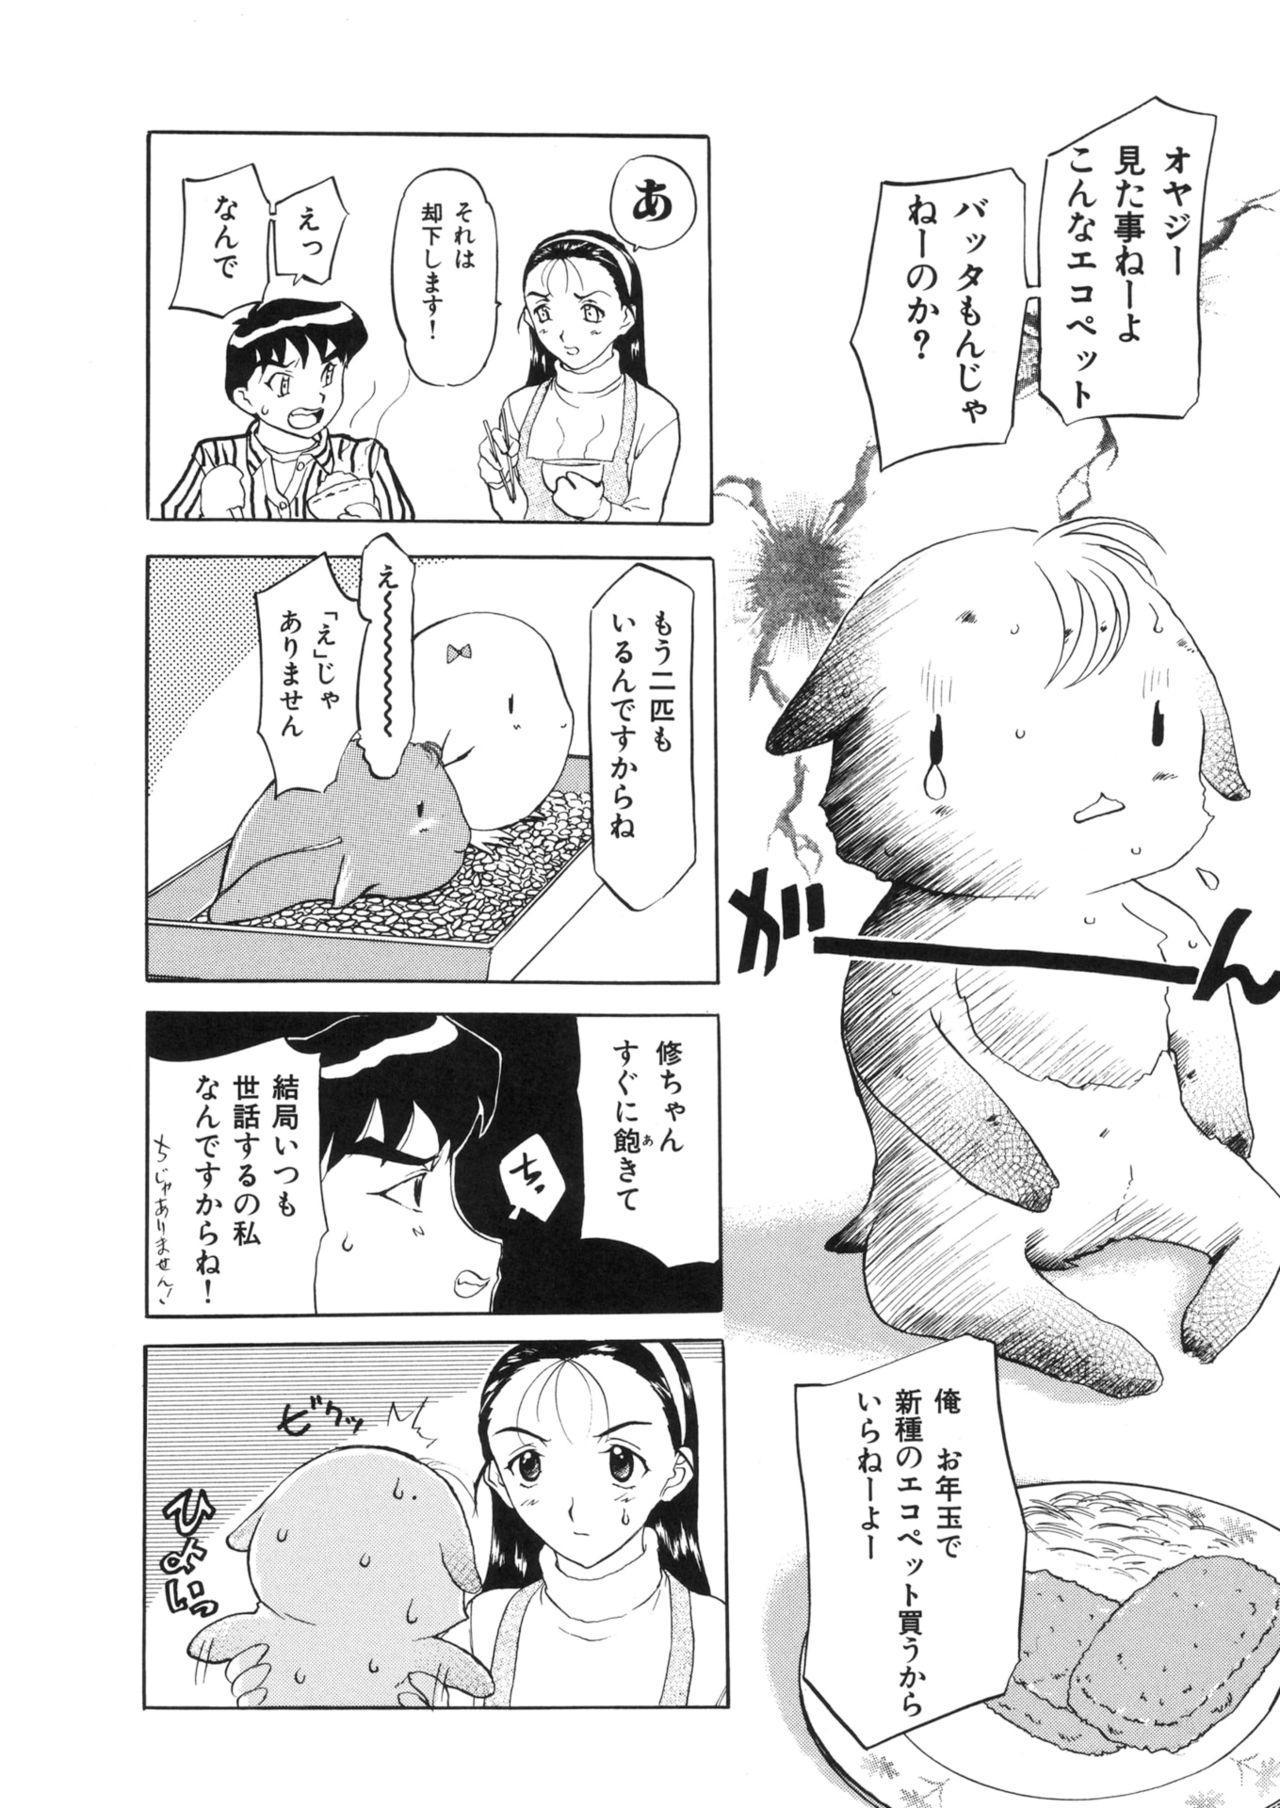 COMIC Kairakuten 25 Shuunen kinen tokubetsugou 69